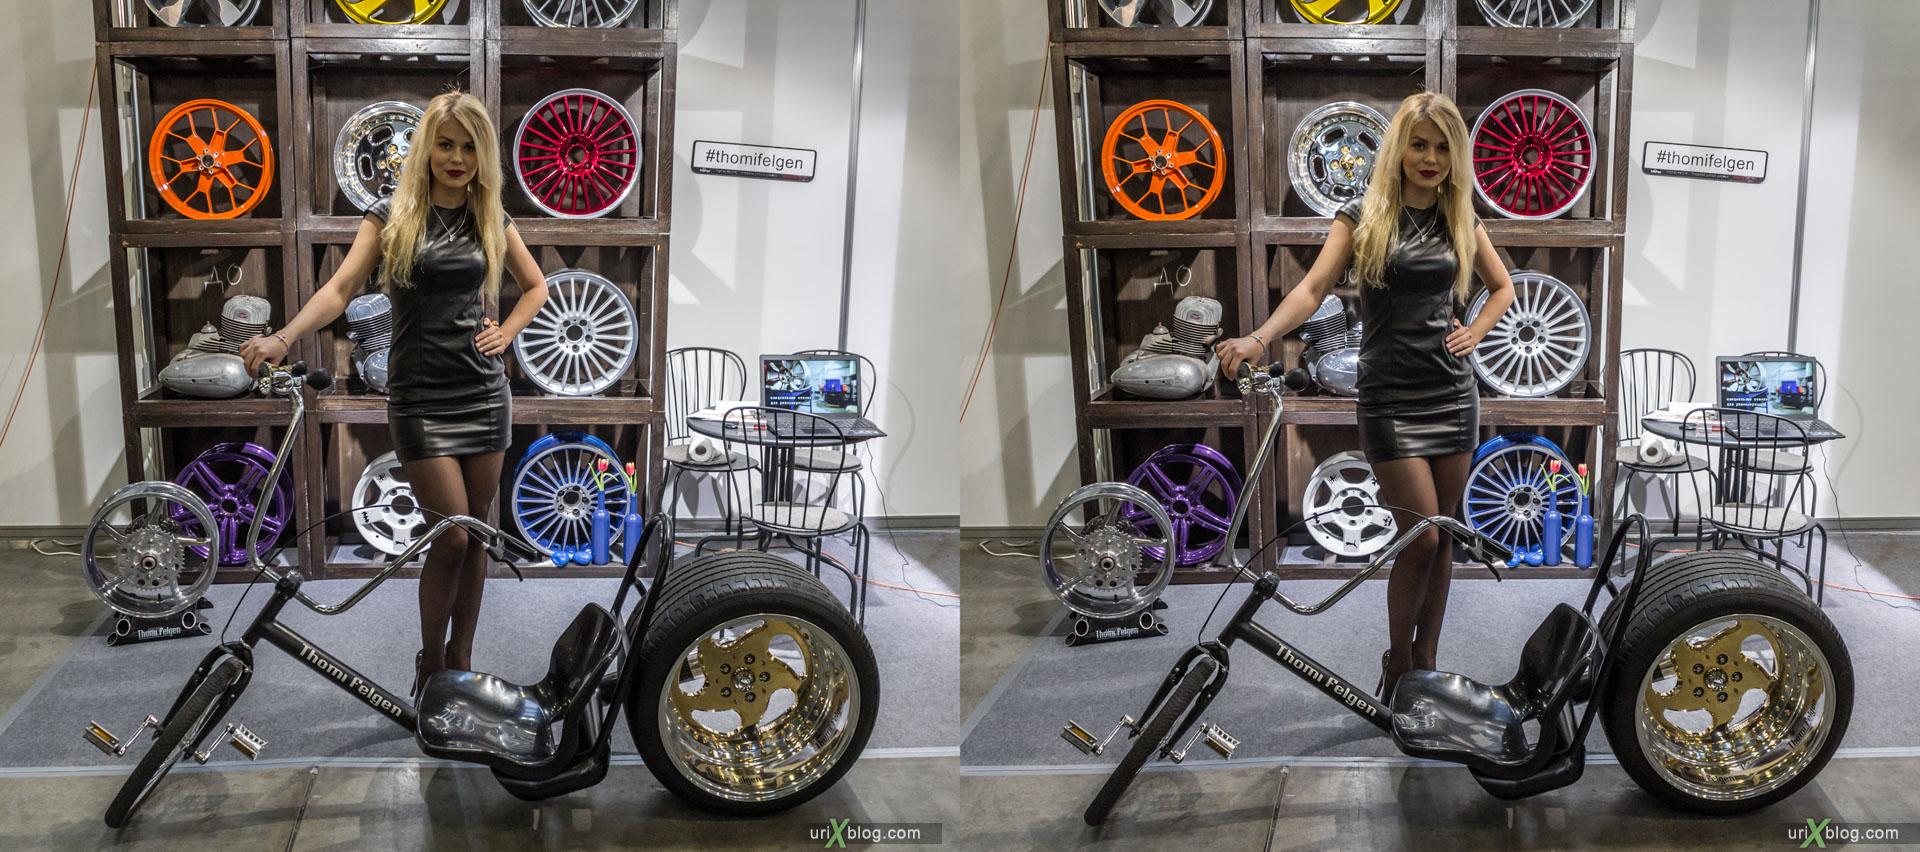 Мото парк, мотоциклы, девушка, модель, выставка, Москва, Россия, Крокус Экспо, 3D, перекрёстная стереопара, стерео, стереопара, 2015